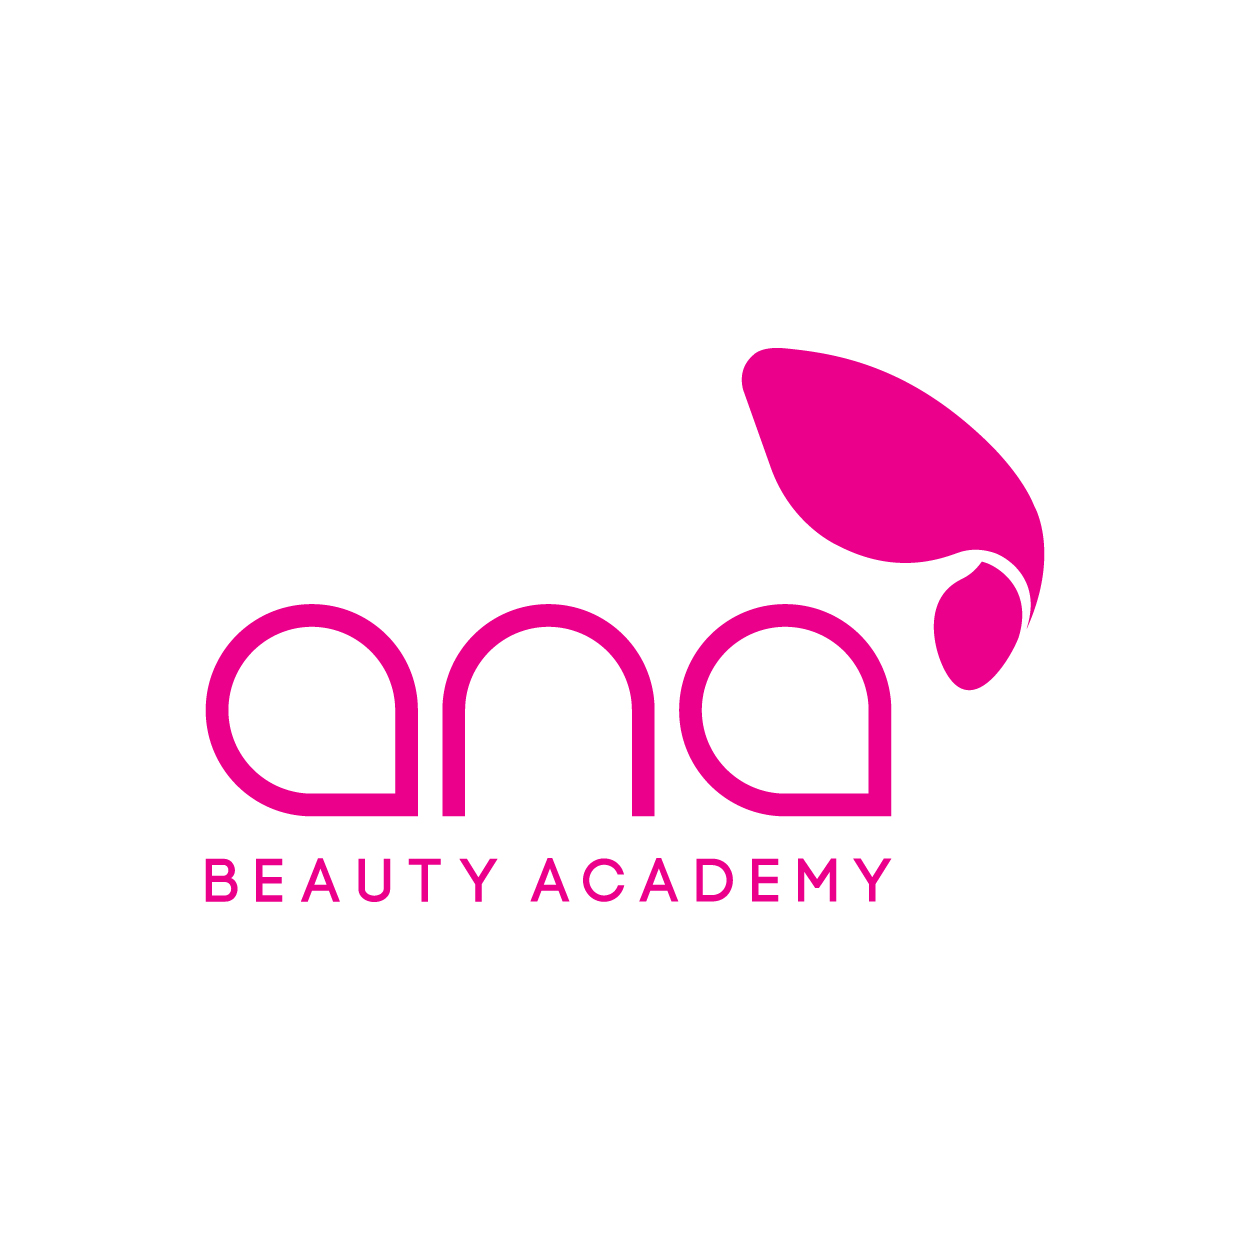 Công Ty Cổ Phần Đào Tạo Ana Beauty Academy